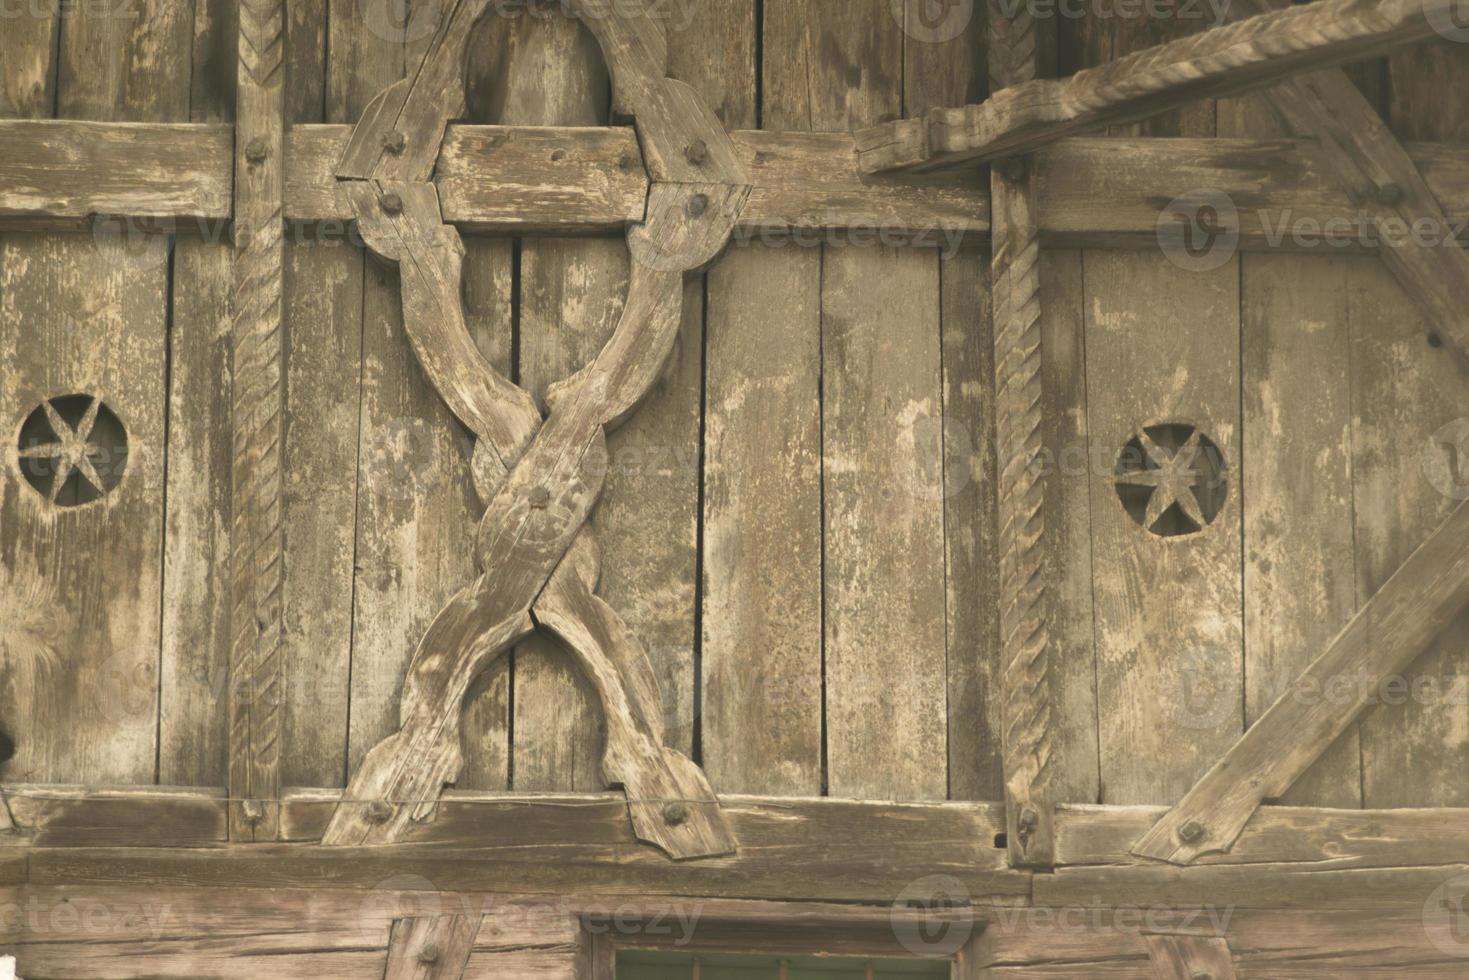 oude houten gevel foto